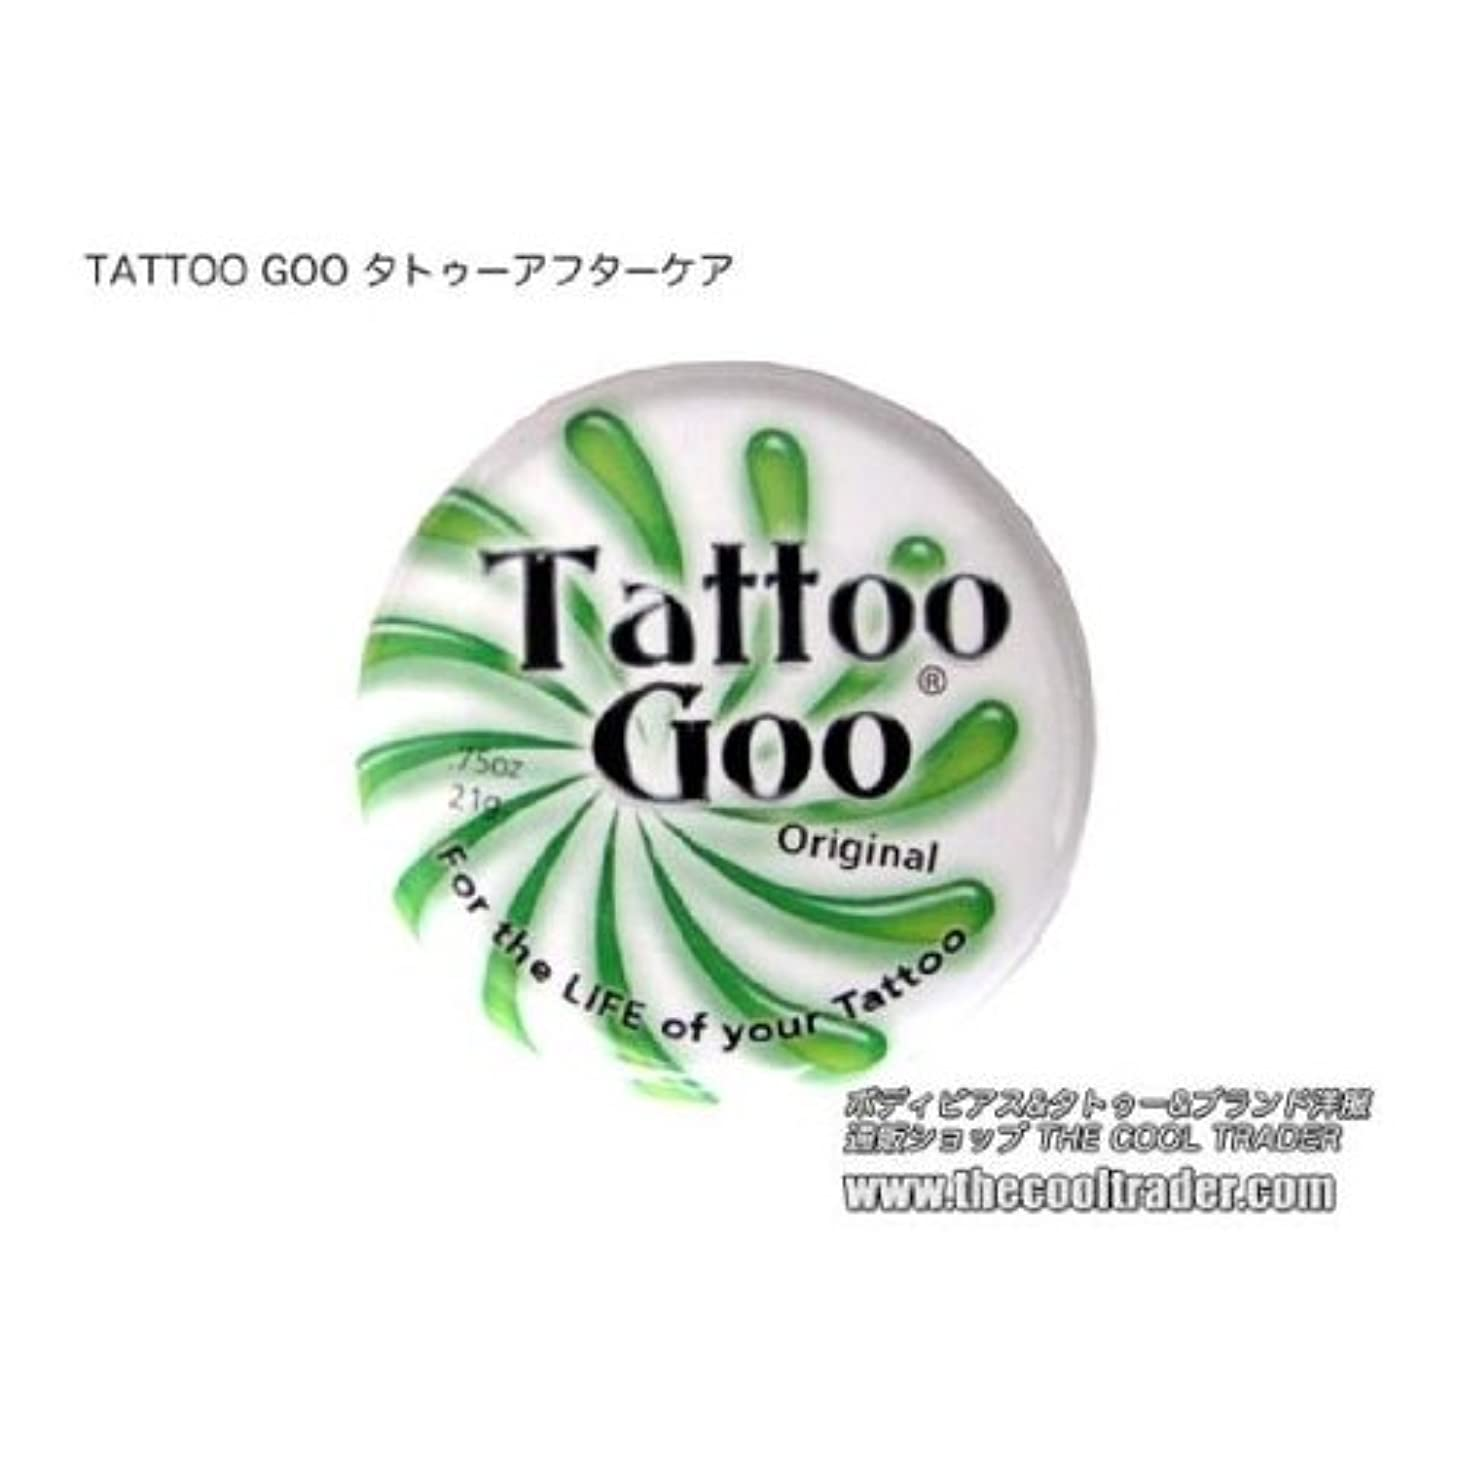 TATTOO GOO タトゥー&ボディピアス専用アフターケア 軟膏クリーム オリジナル